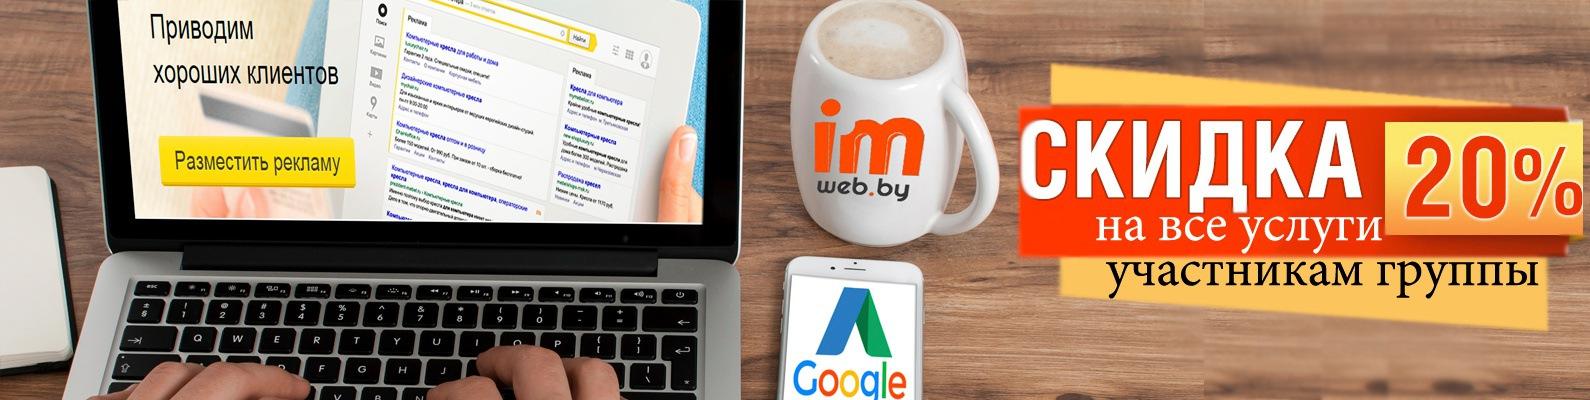 Контекстная реклама в yandex и google